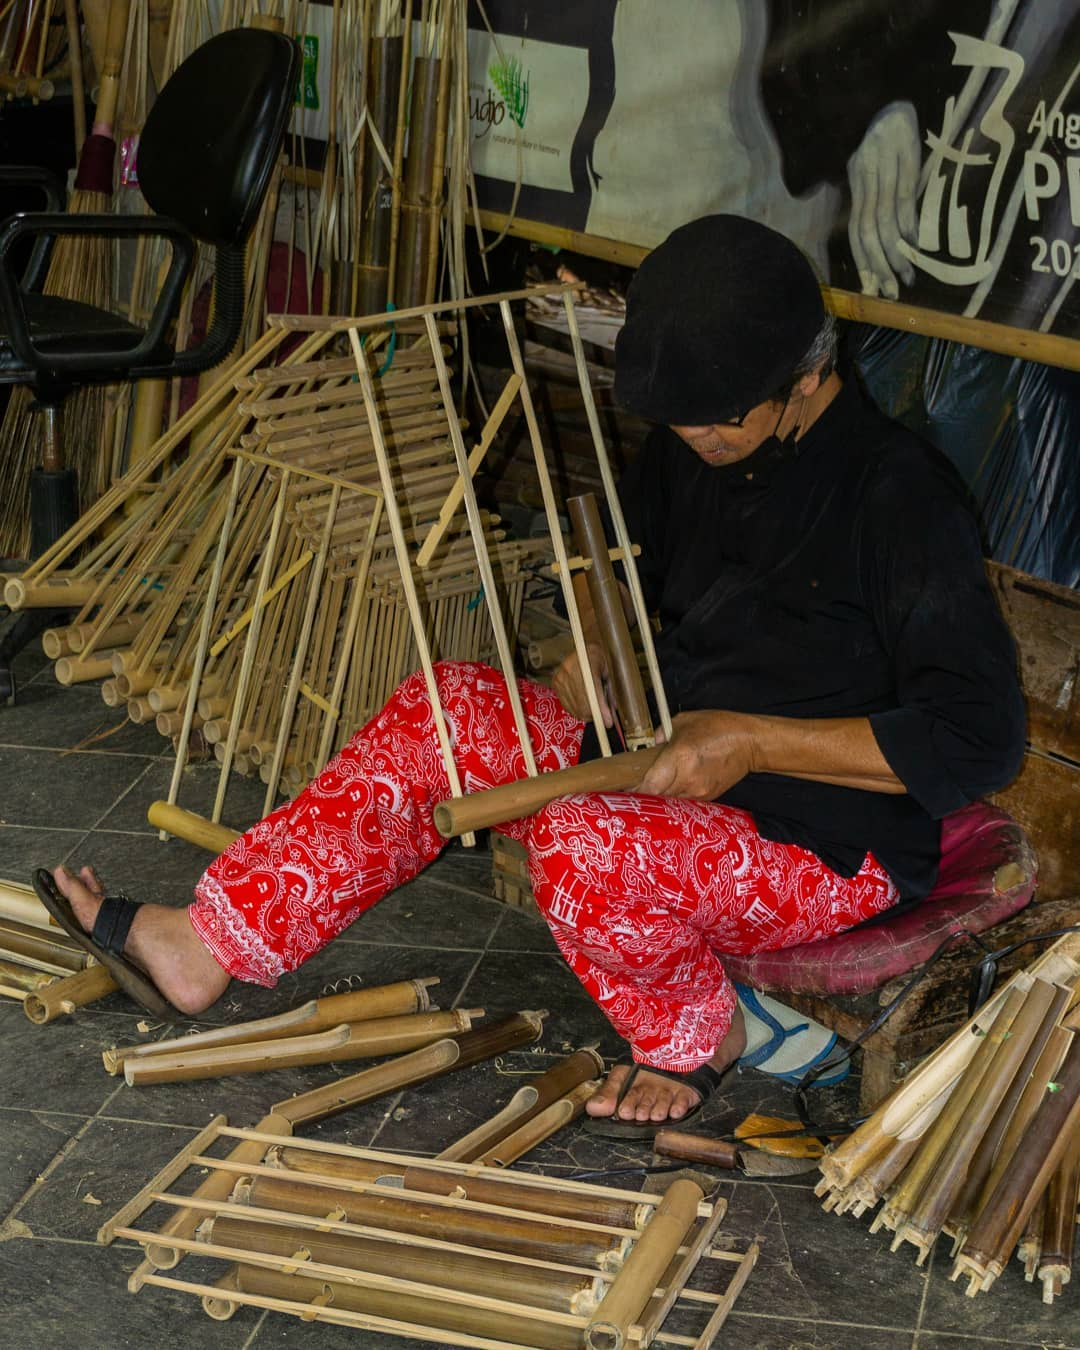 Pengrajin angklung sedang membuat angklung